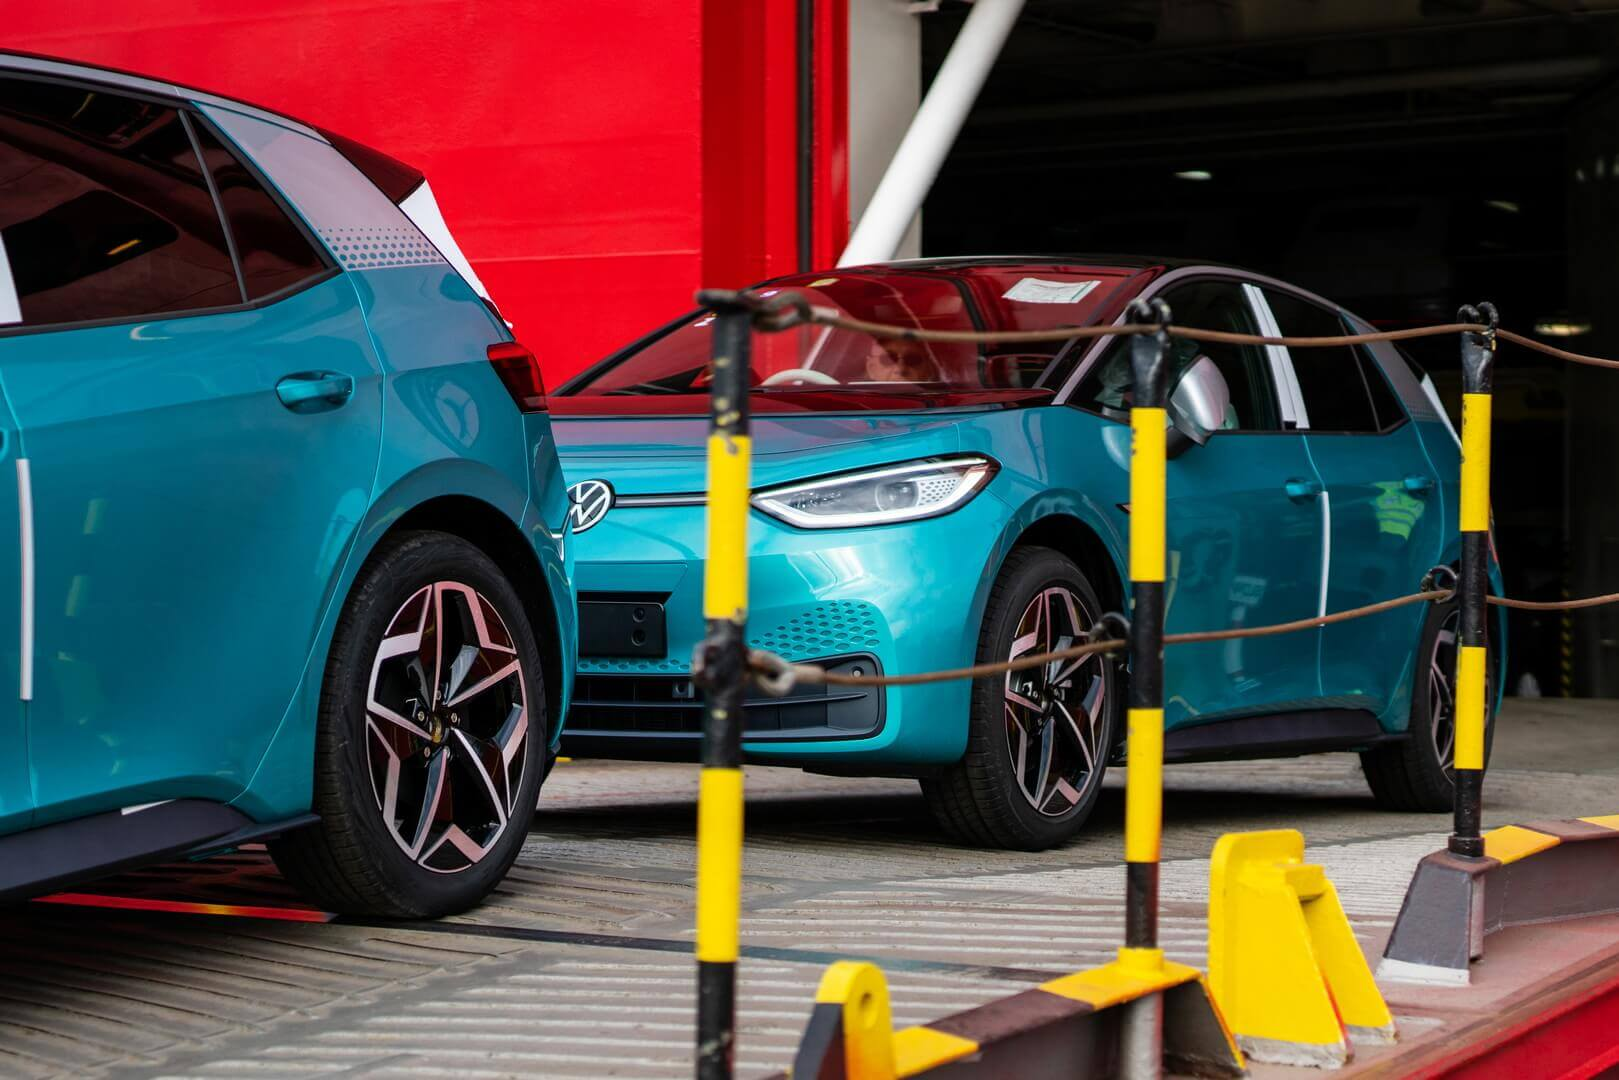 Первые электромобили Volkswagen ID.3 1-го издания достигла британских берегов в порту Гримсби